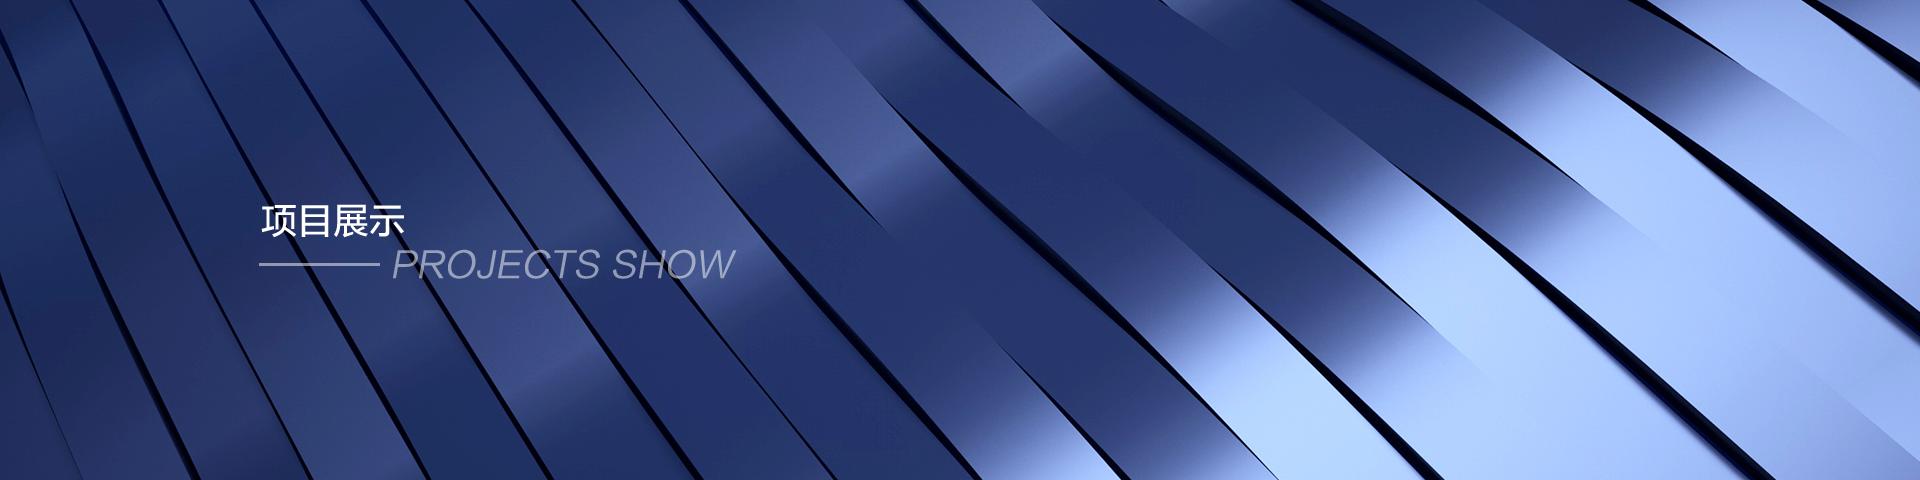 项目展示-人工智能banner